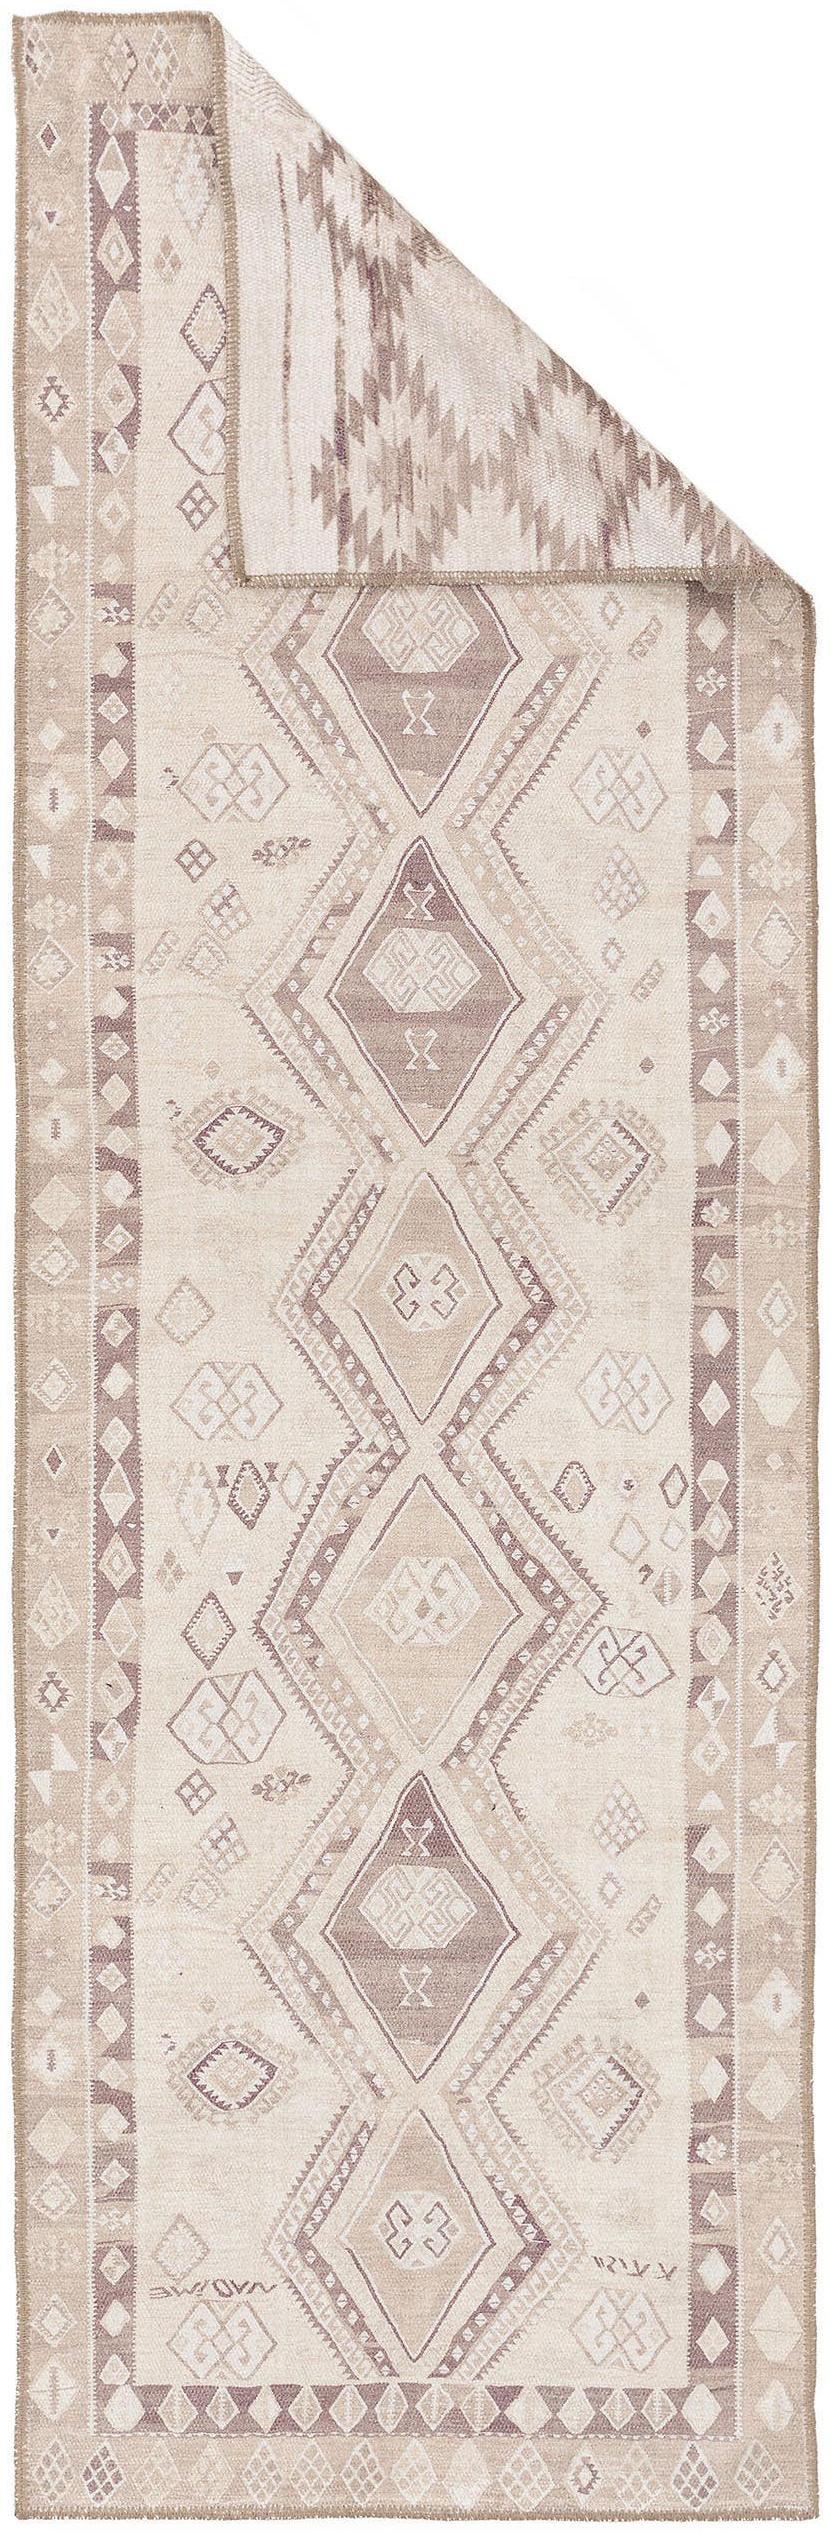 Wendeläufer Kelim Ana Aztec mit Ethnomuster in Beige, 80% Polyester 20% Baumwolle, Beige, Taupe, 75 x 230 cm